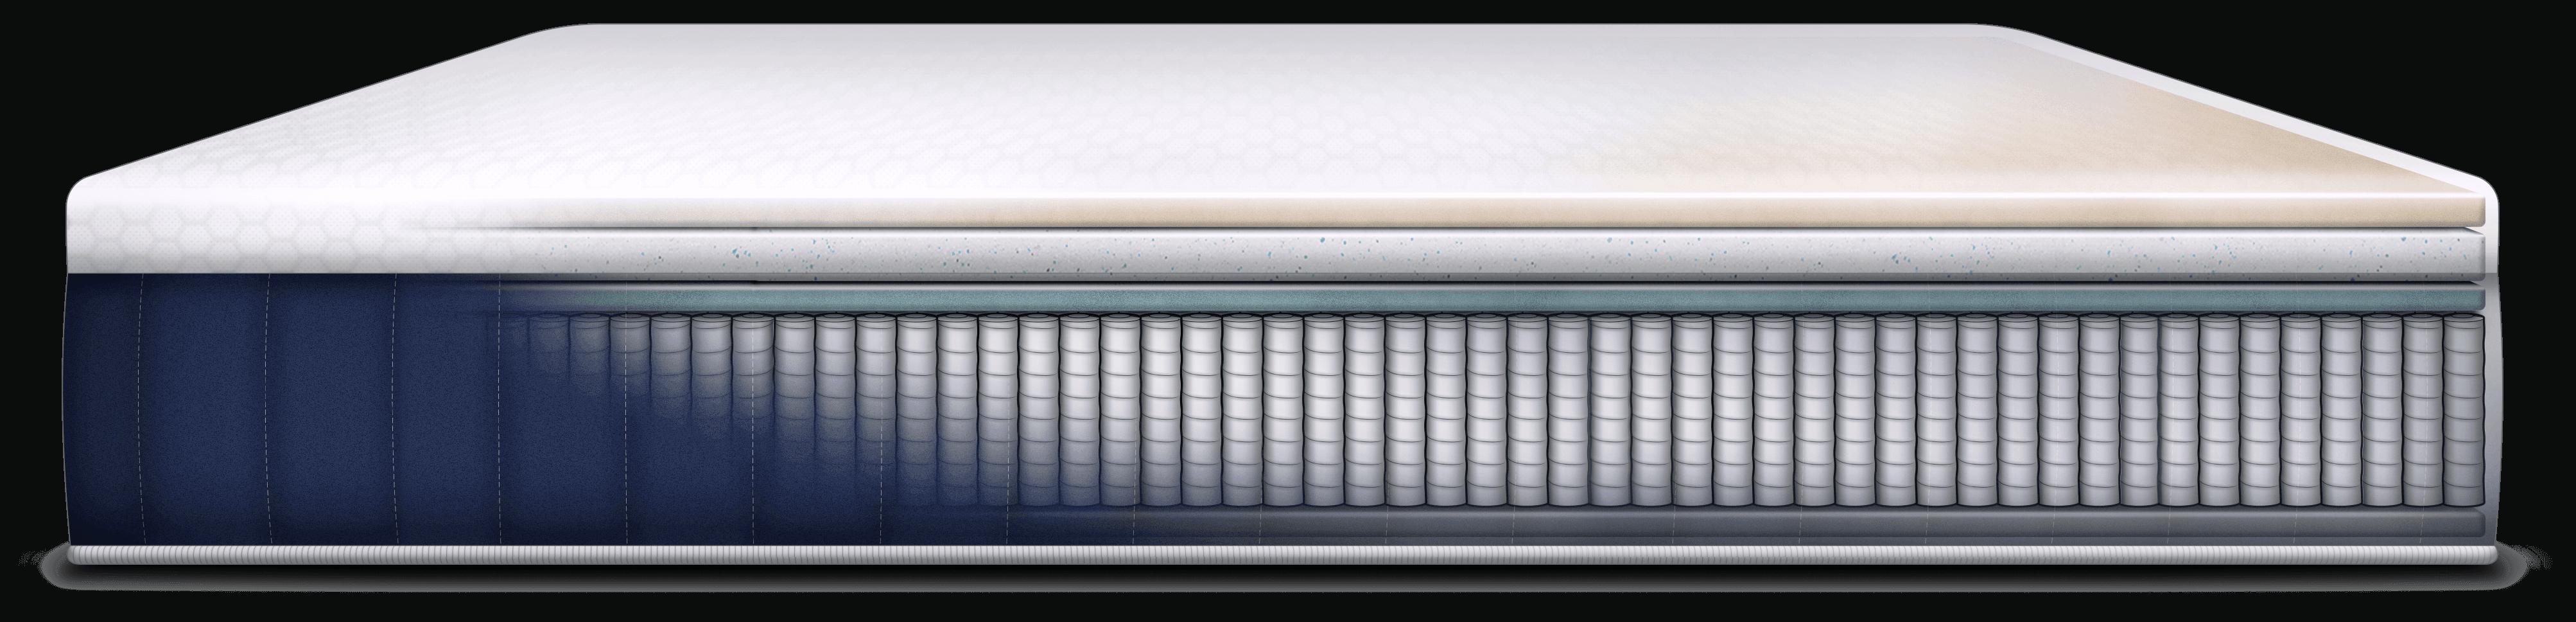 brooklyn bedding aurora vs signature mattres